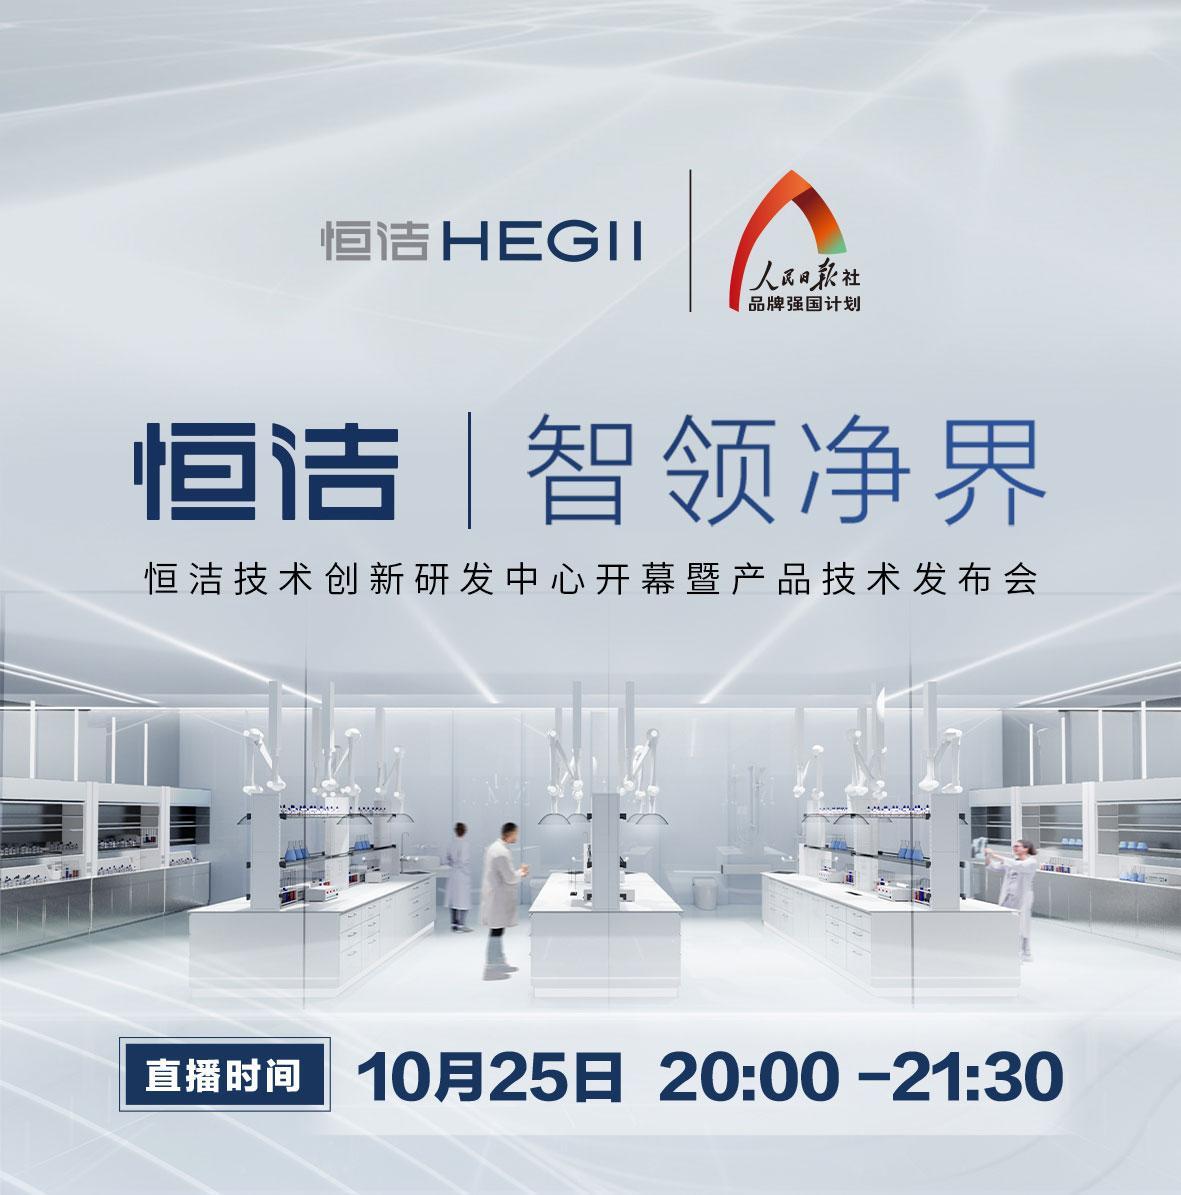 智领净界丨恒洁打造中国卫浴品牌新标杆